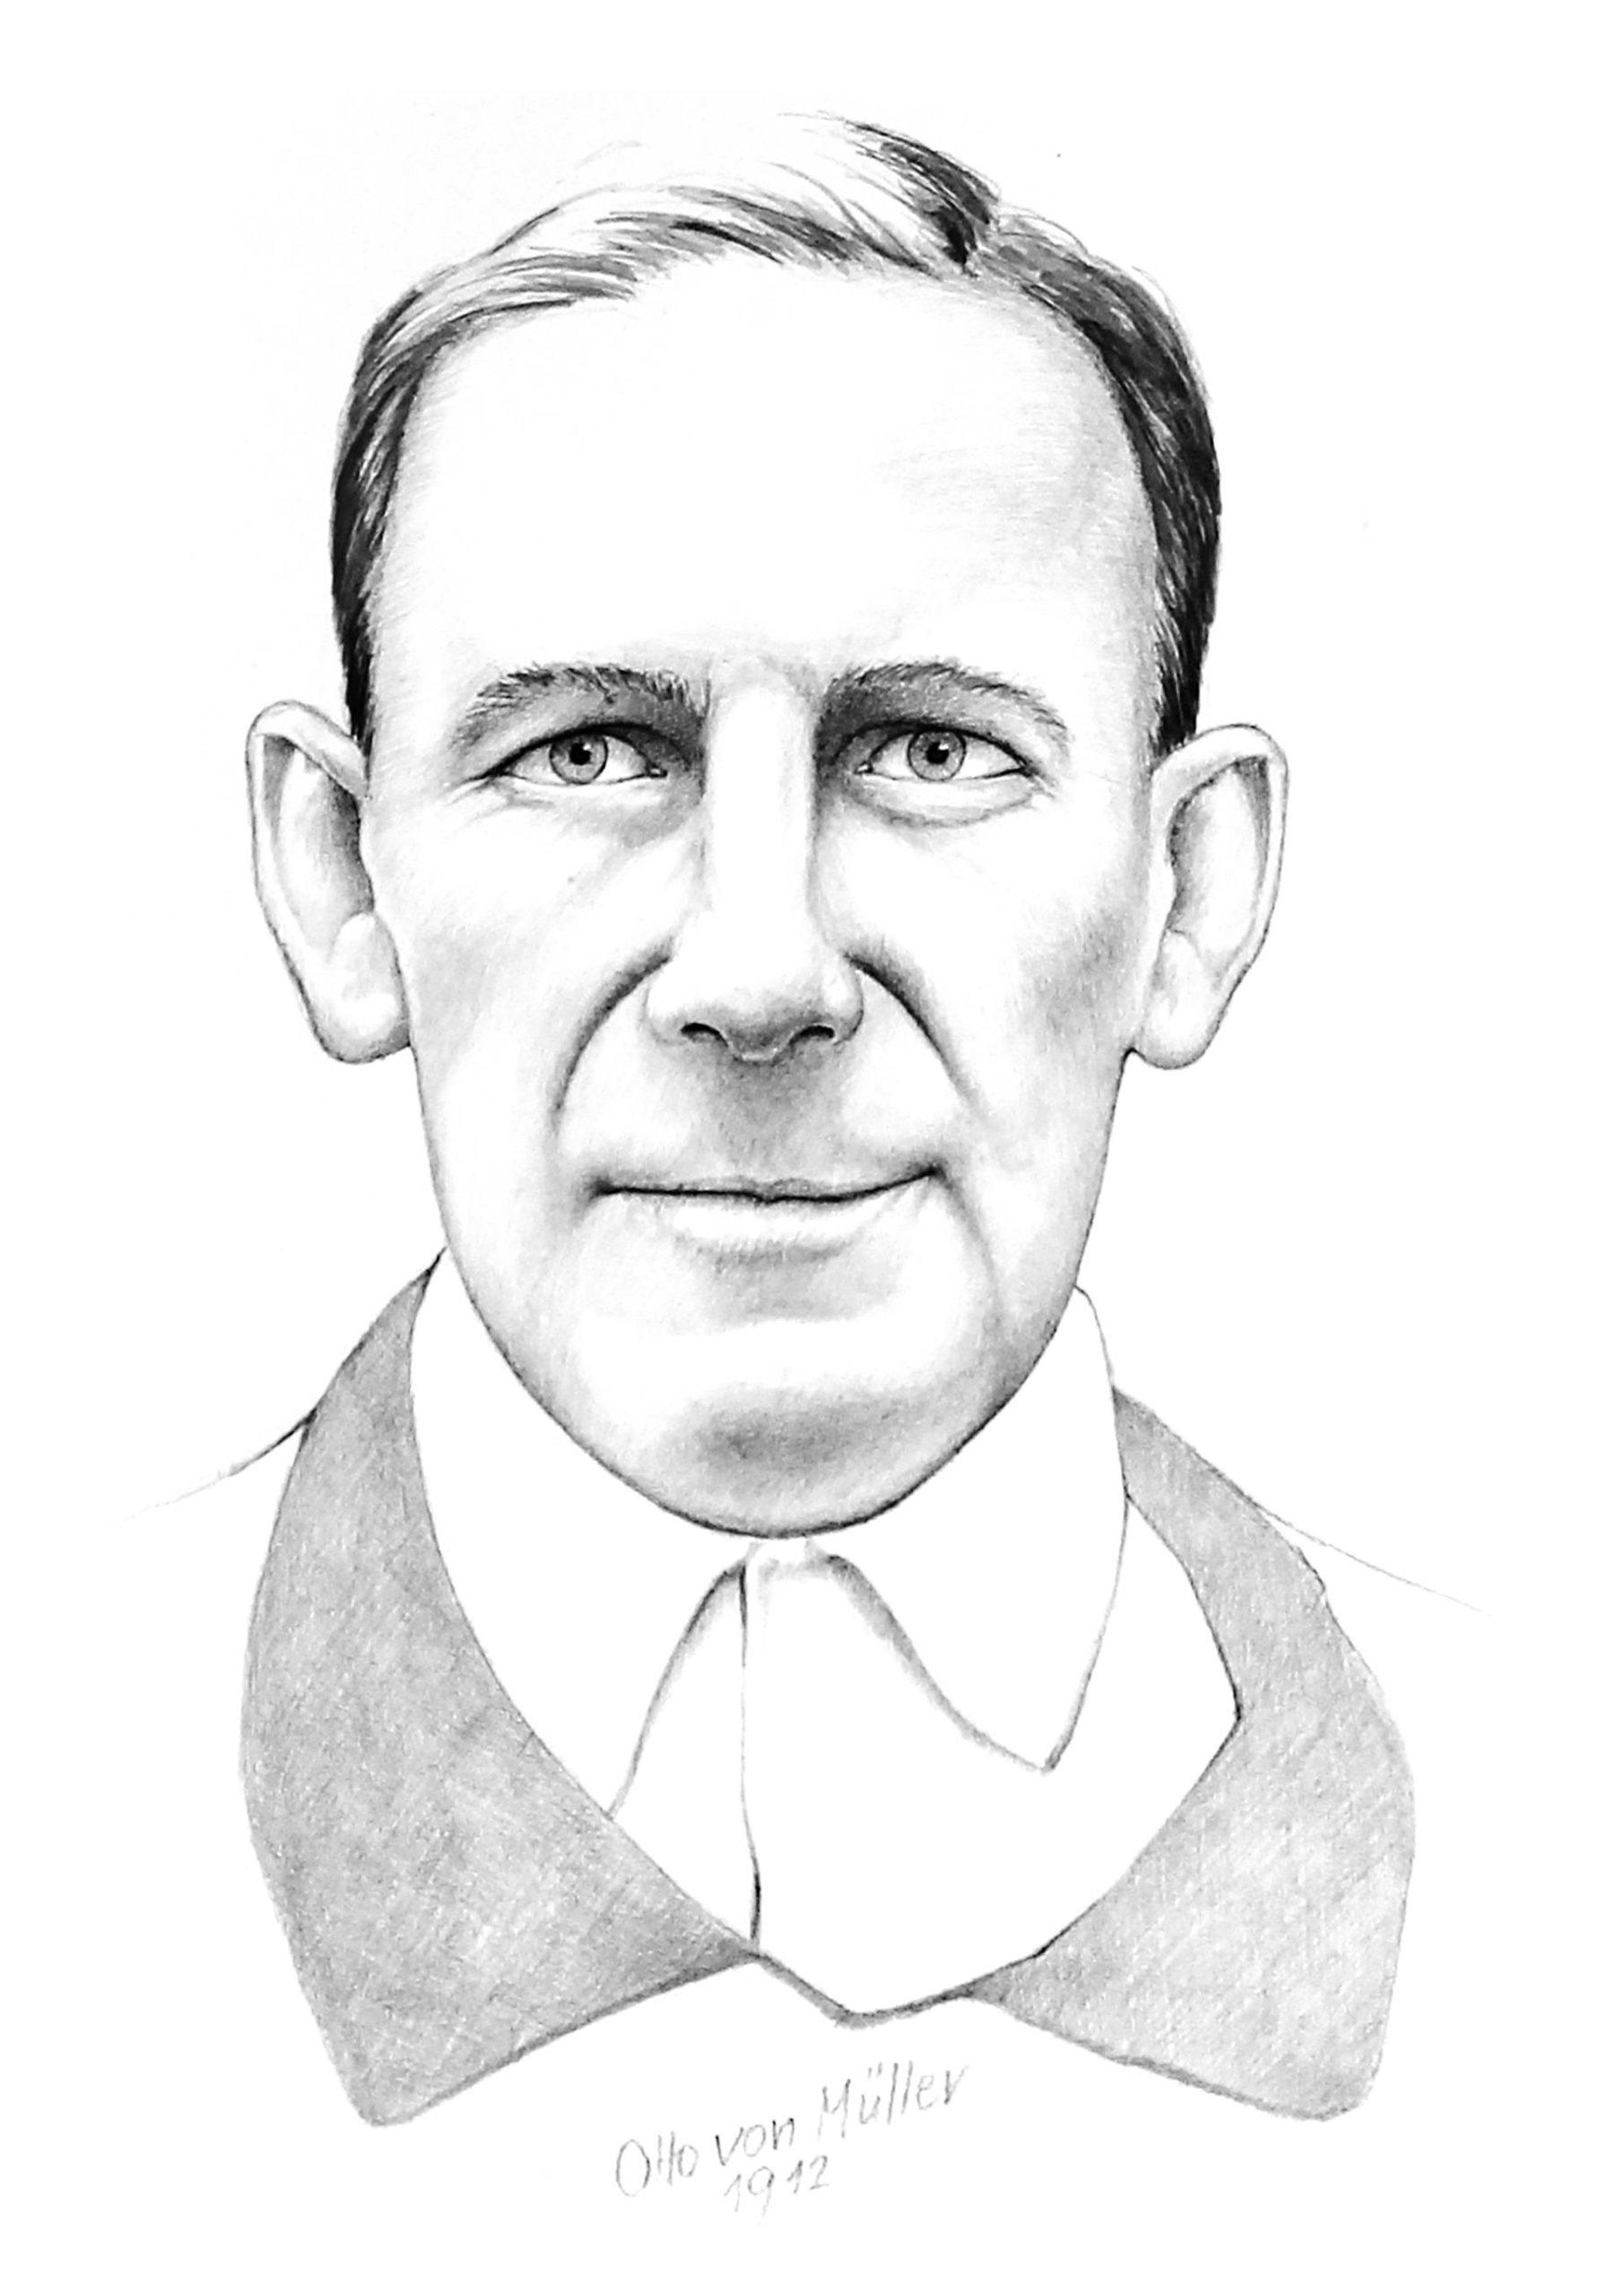 Otto von Müller